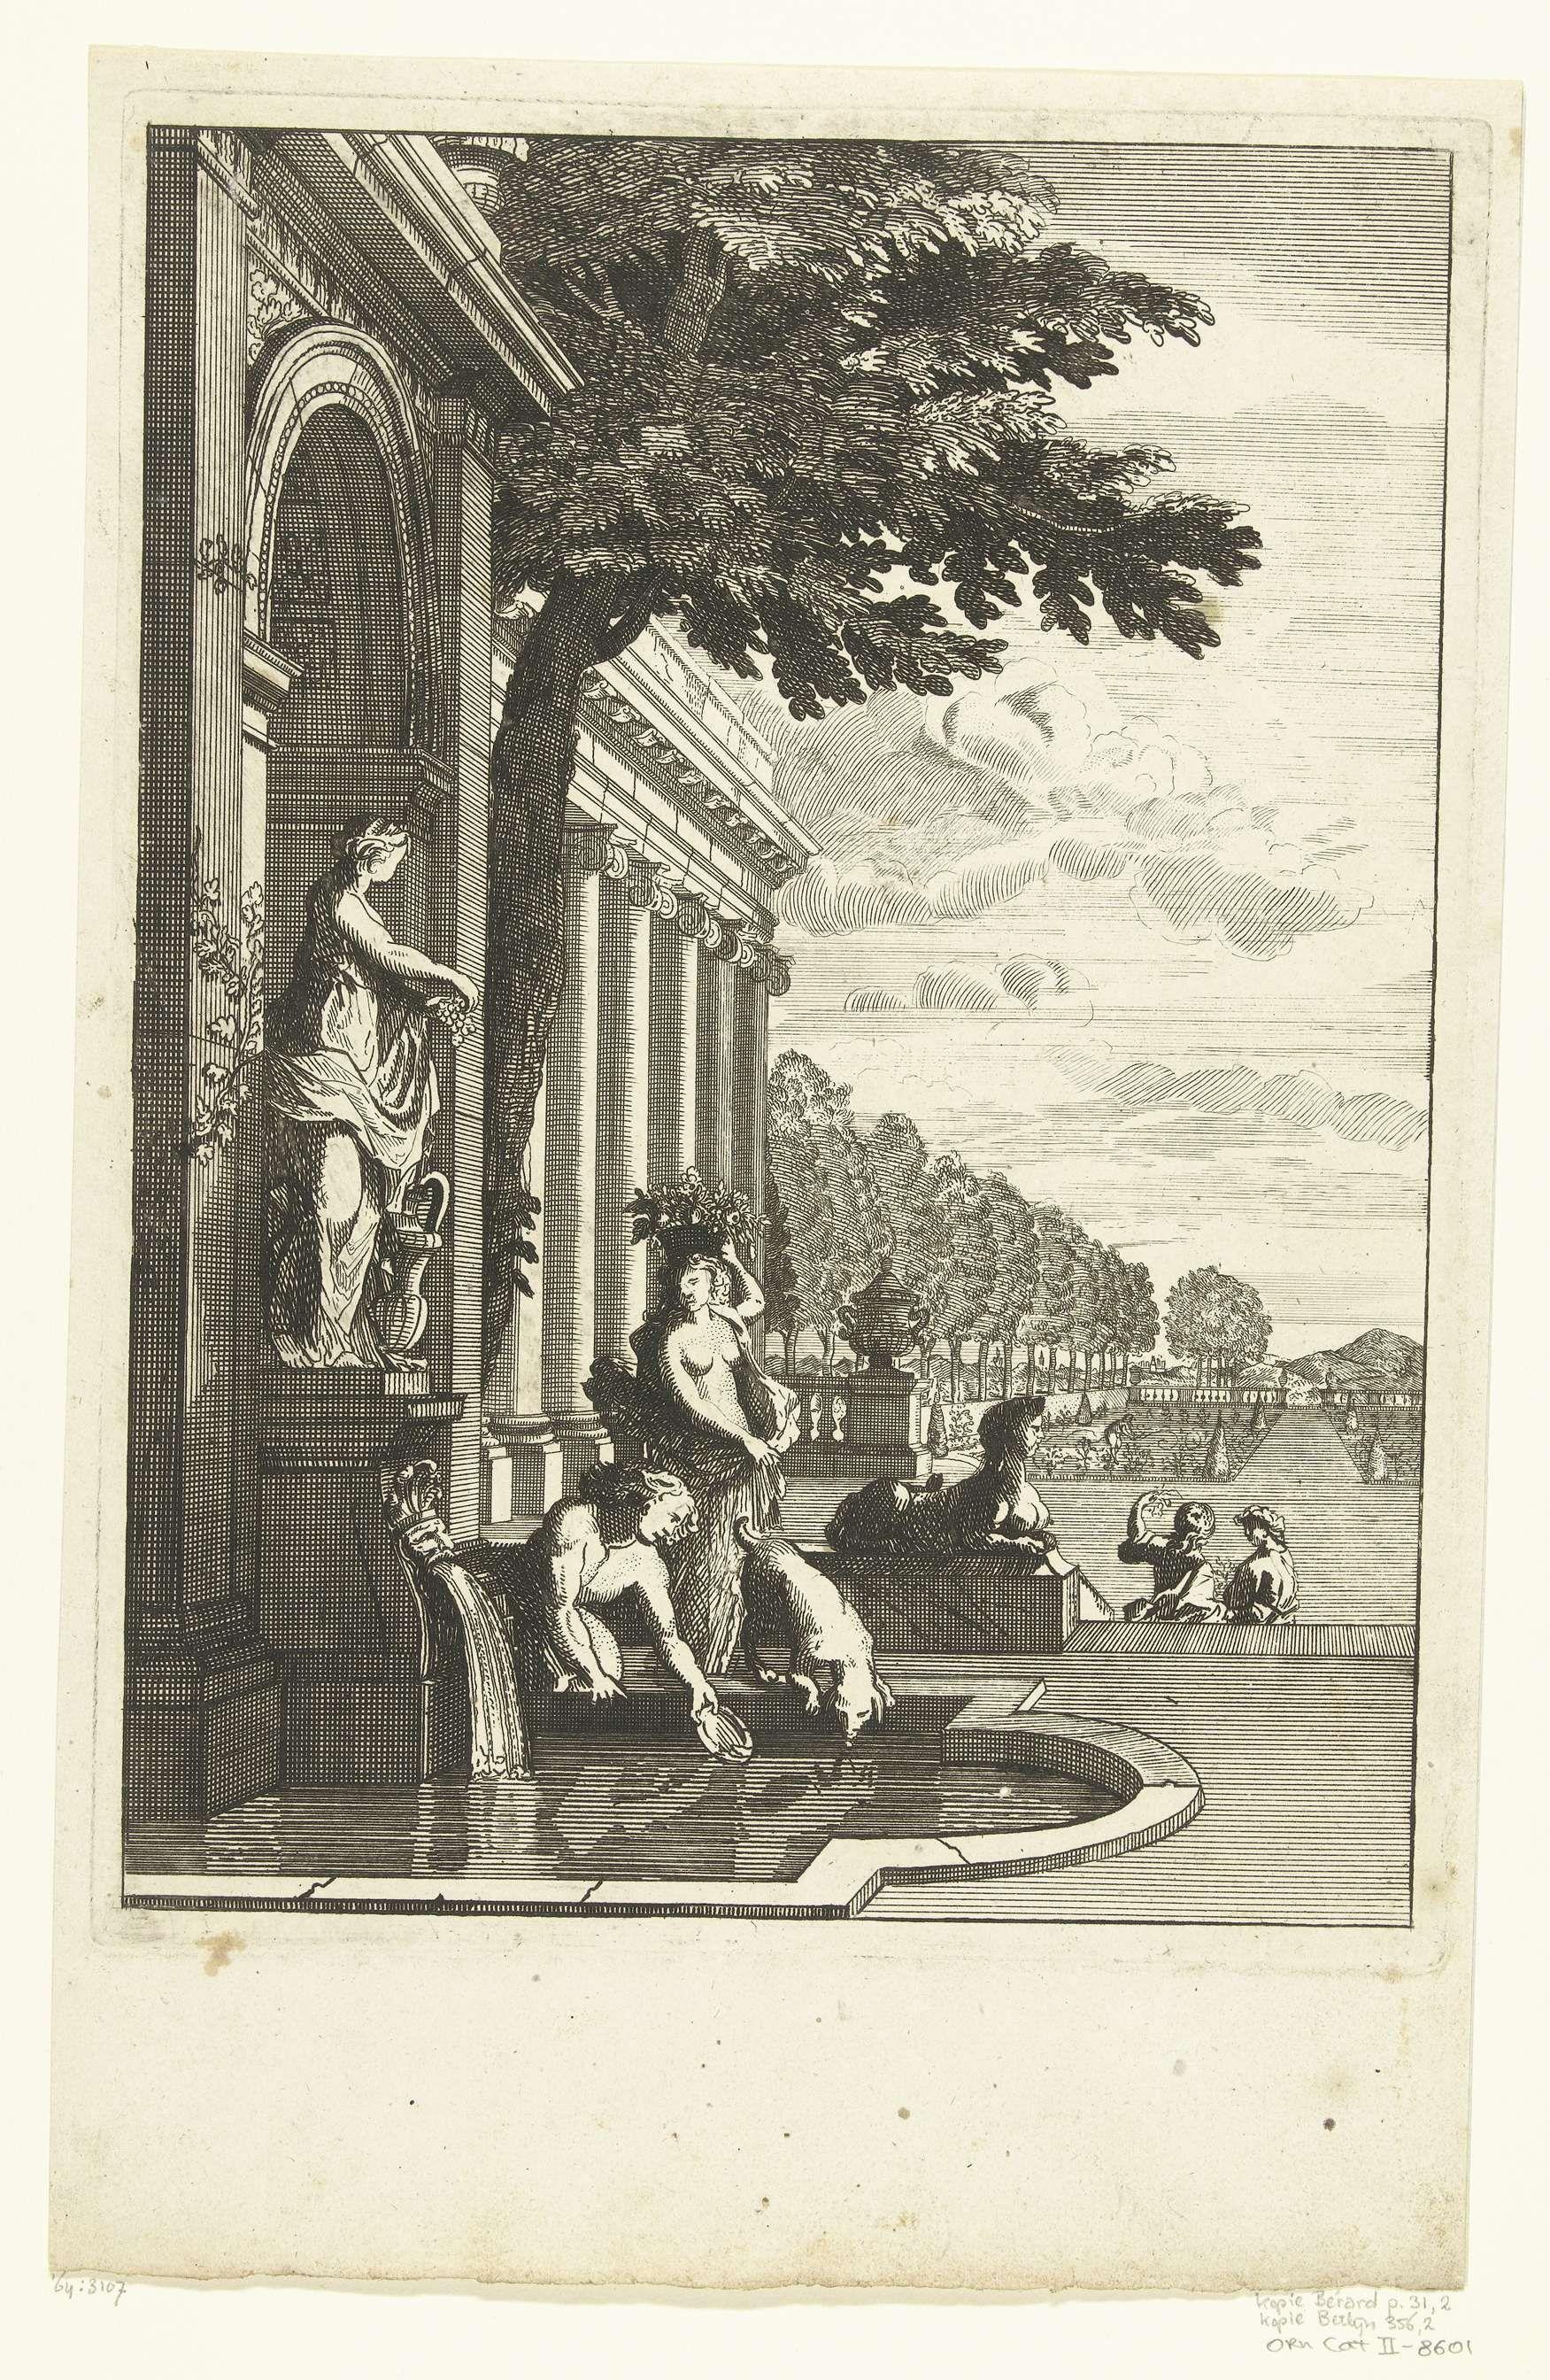 Daniël Marot (I)   Nis met standbeeld en bassin, Daniël Marot (I), Anonymous, Anonymous, after 1703 - c. 1725   Een man schept water uit het bassin. Op de achtergrond is een gebouw met Ionische zuilen zichtbaar. Kopie naar prent uit serie Troisième Lieure de perspectives.